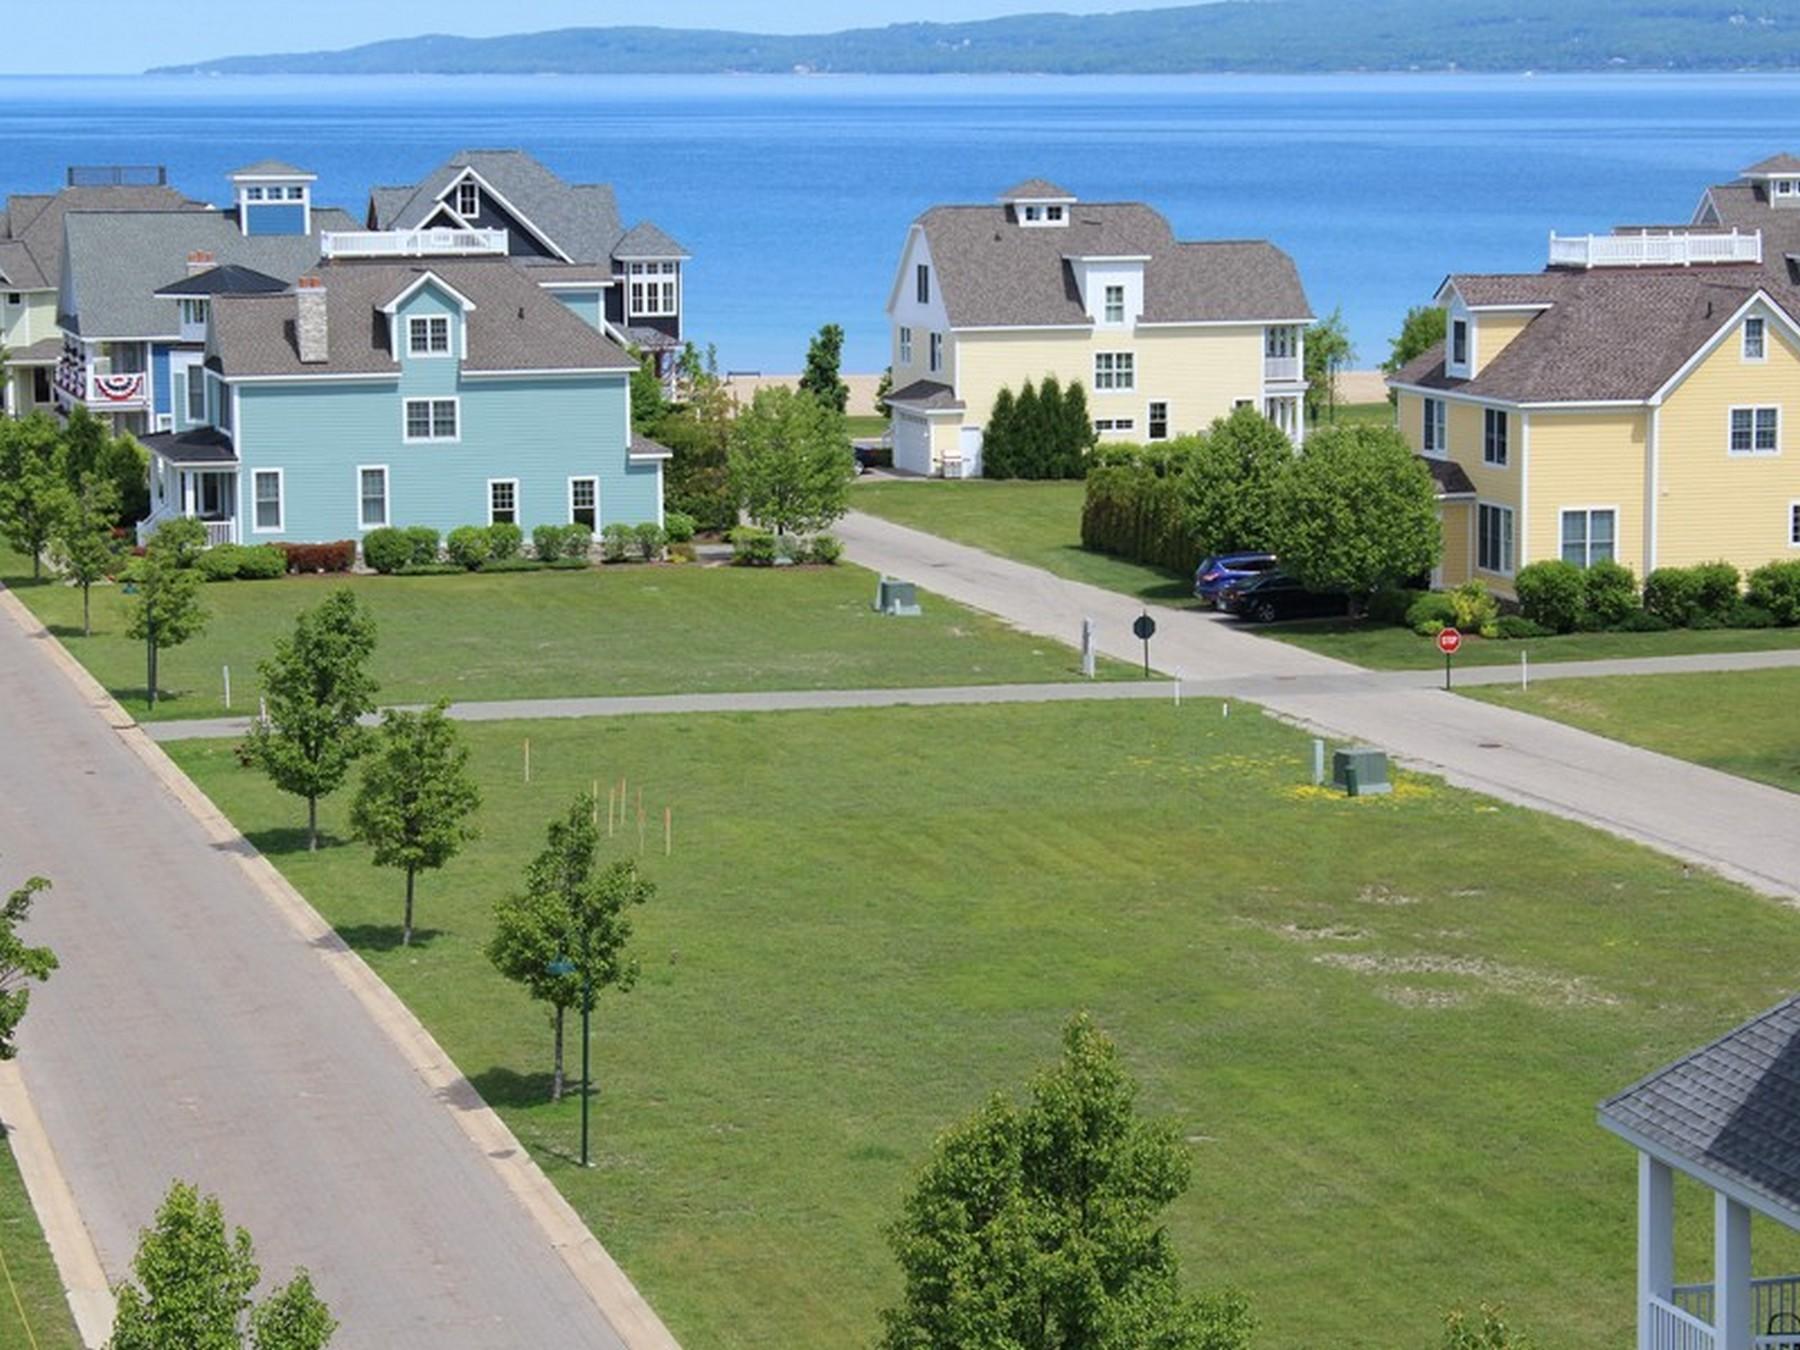 土地 為 出售 在 Village Beach 14 741 West Beach Street Bay Harbor, 密歇根州, 49770 美國